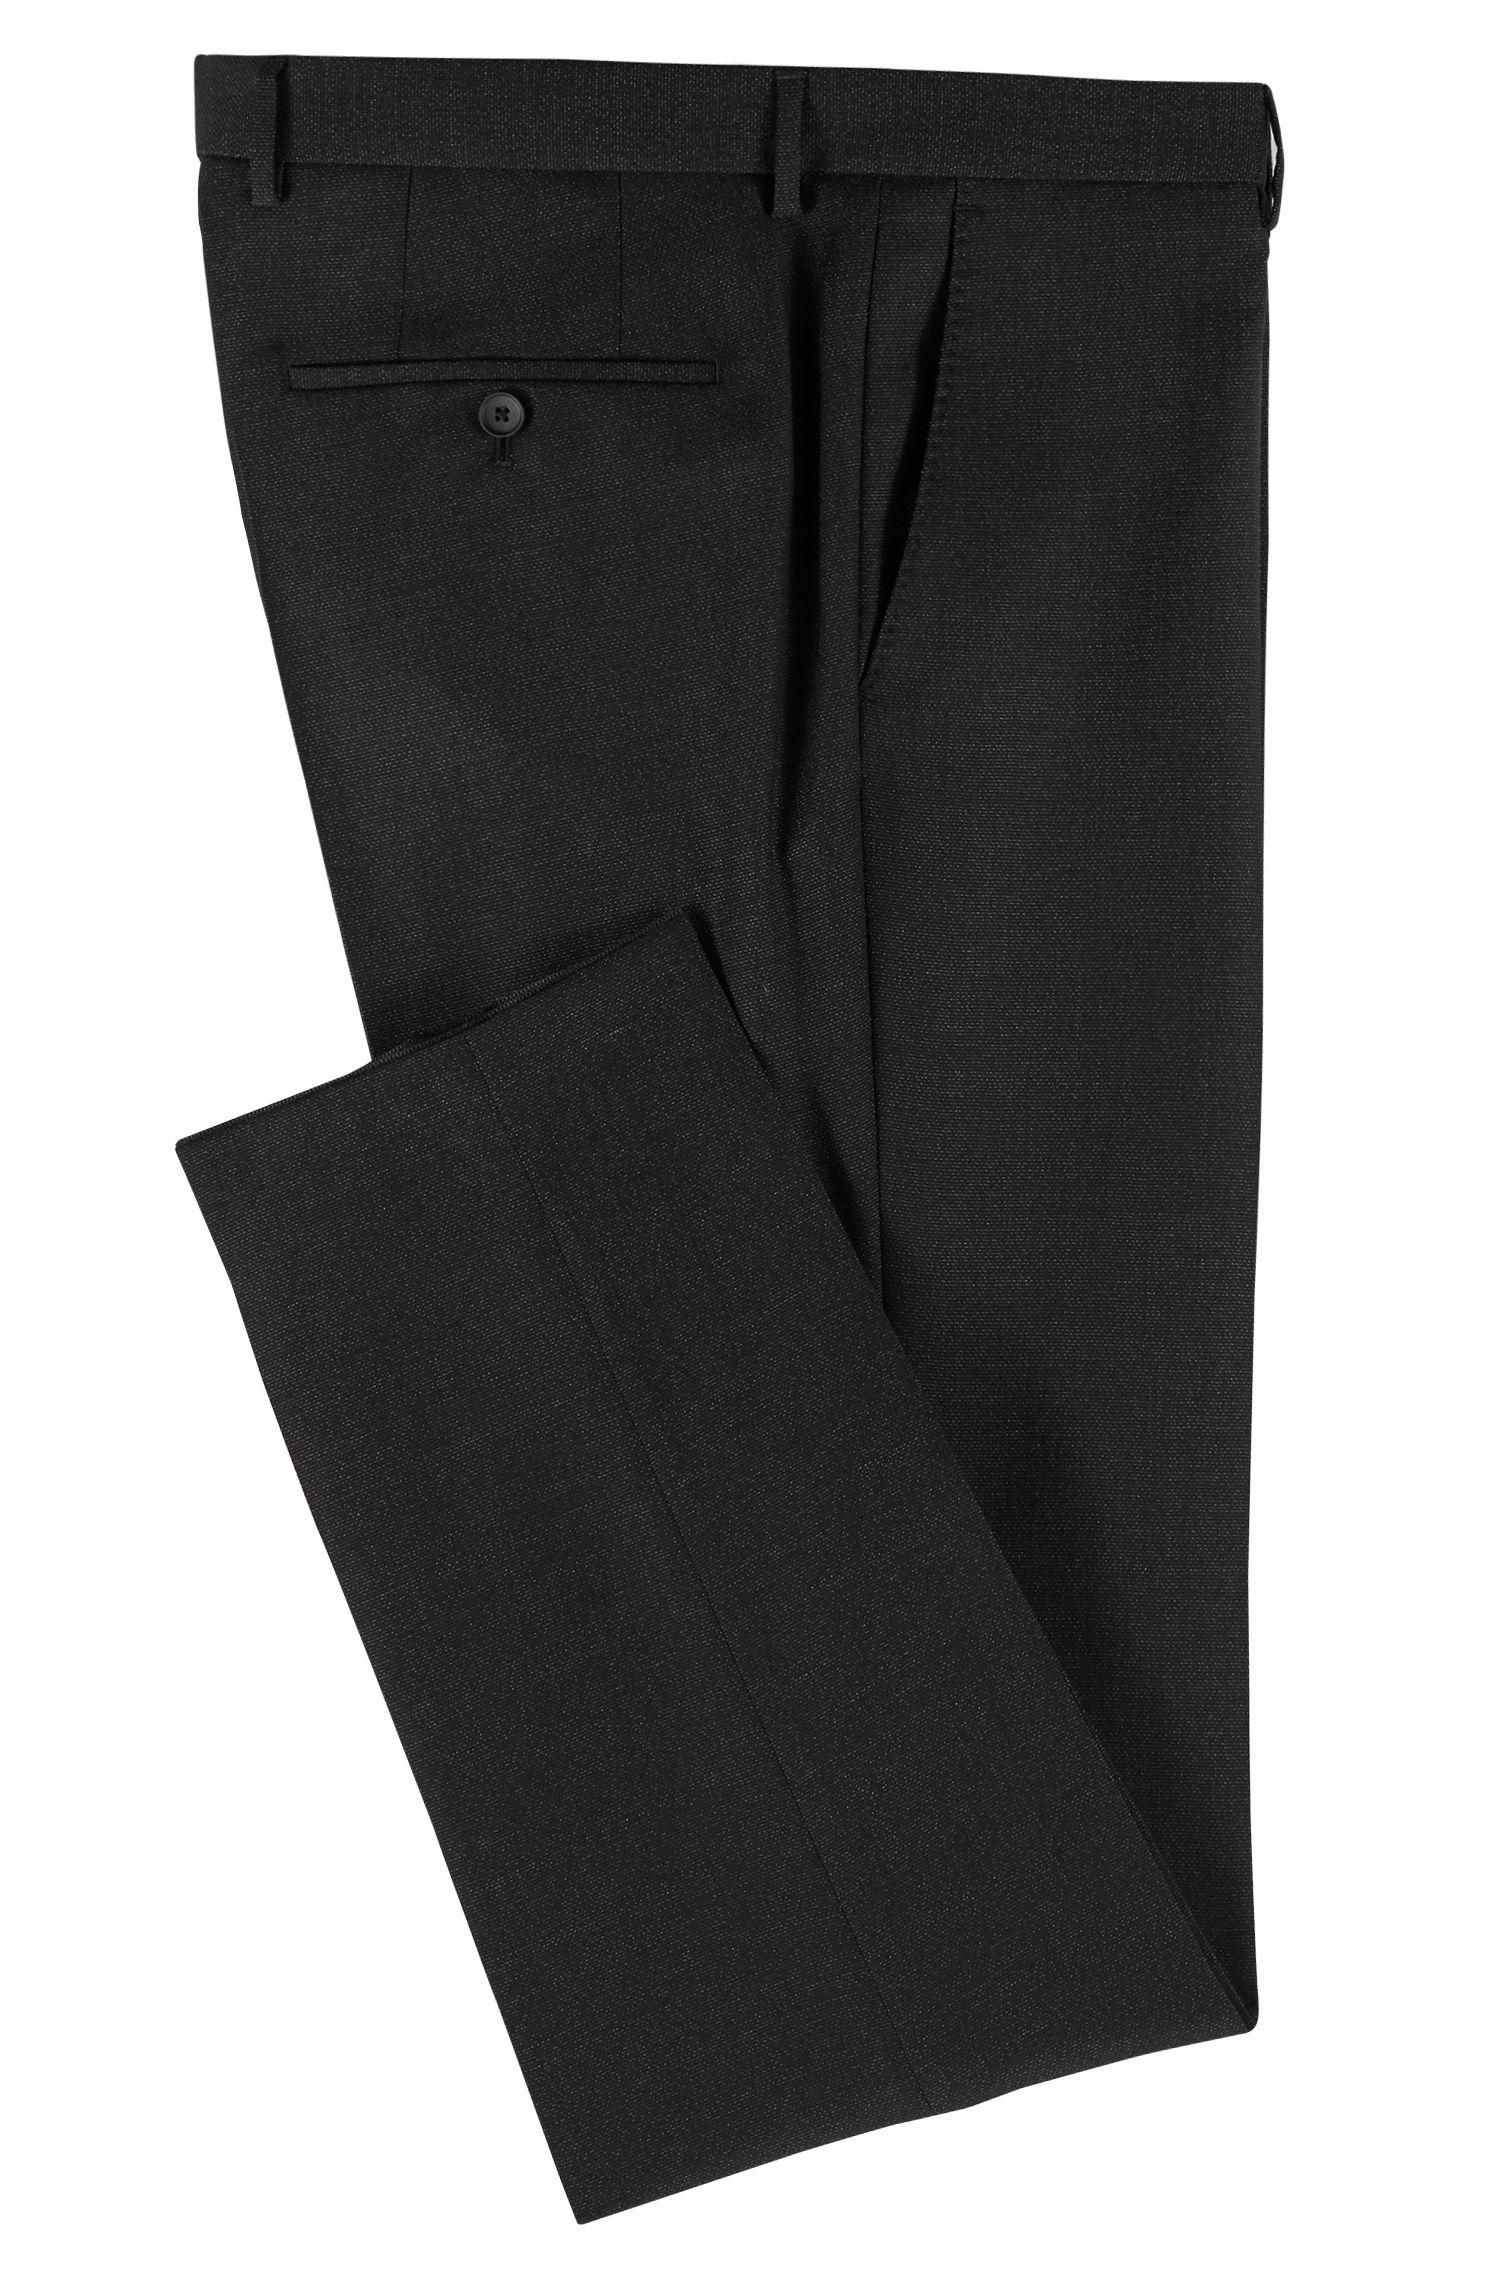 Fein gemusterte Slim-Fit Hose aus Schurwolle, Schwarz